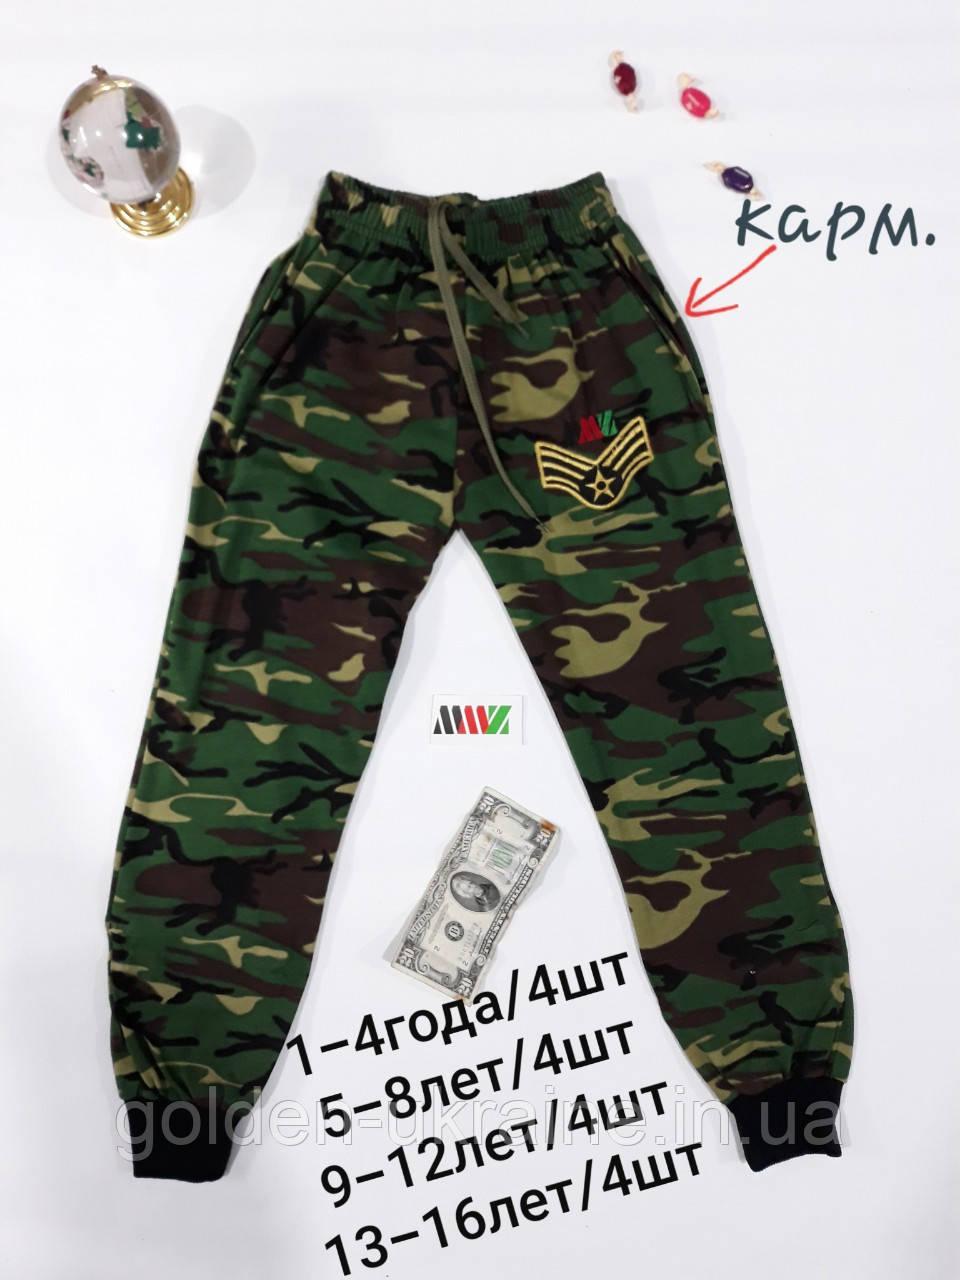 66b261675bf Спортивные штаны камуфляжные на 13-16 лет  4 шт. - Golden-ukraine